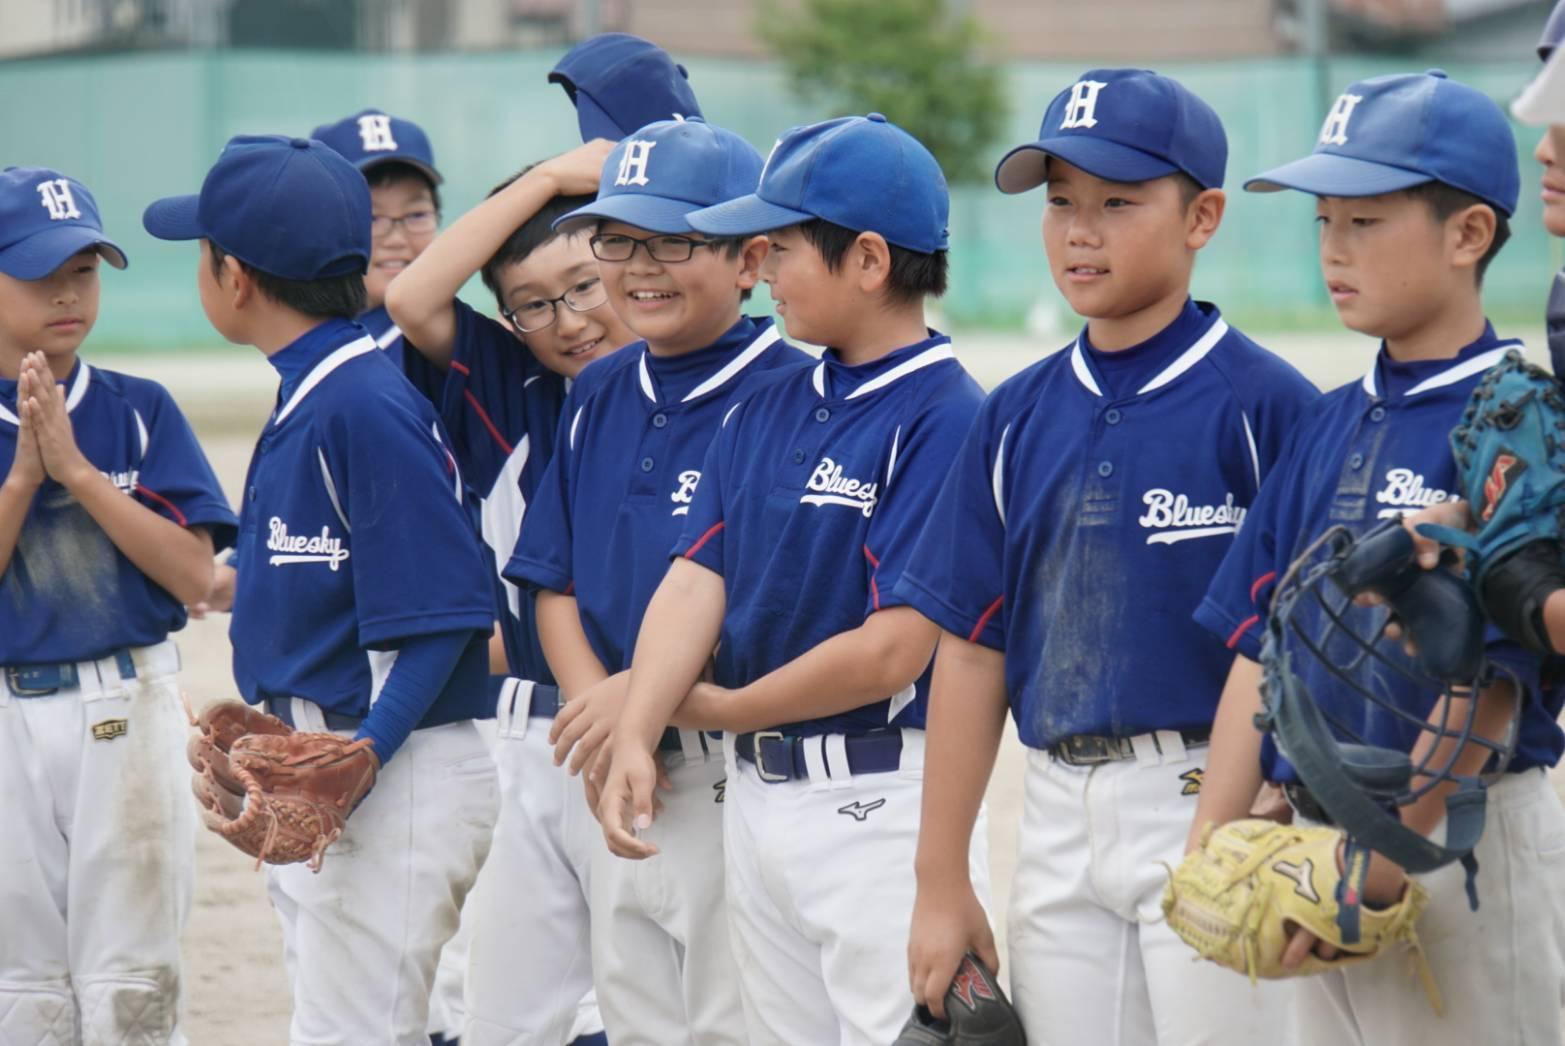 6月23日練習試合結果です!vs阪之上柏葉野球クラブさん_b0095176_18081693.jpeg